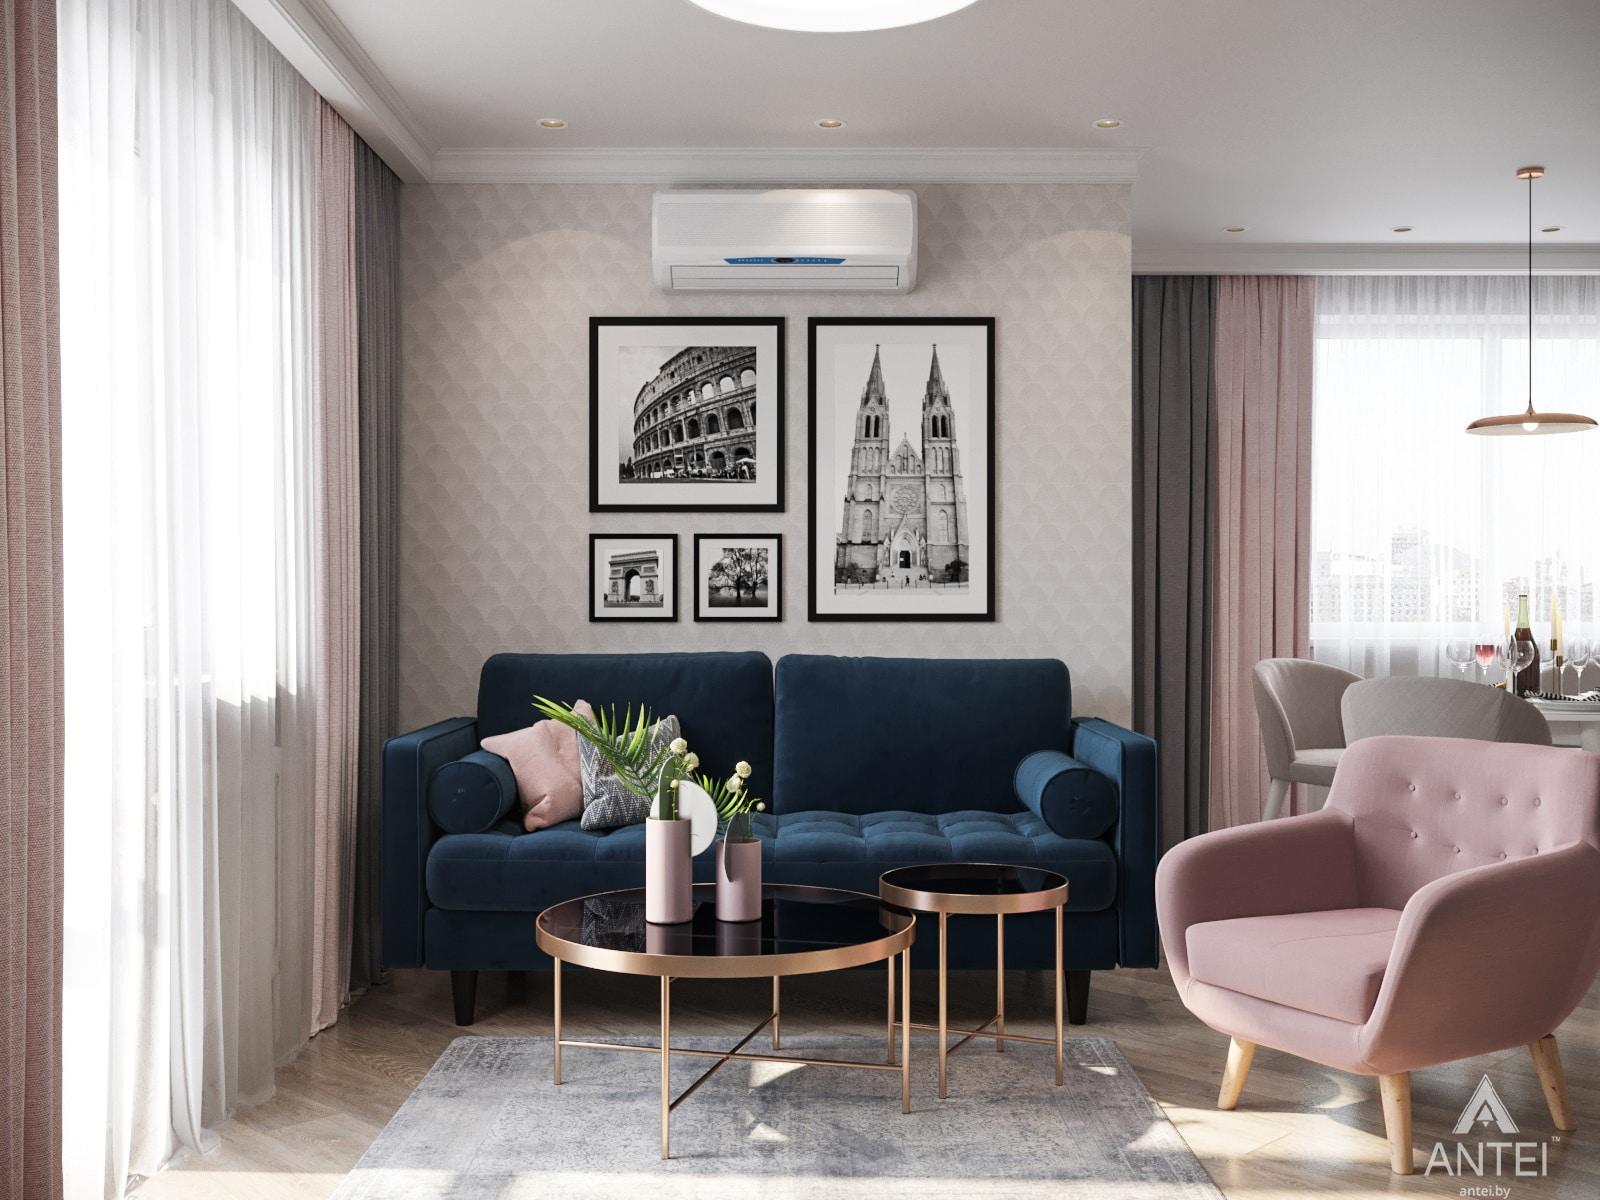 Дизайн интерьера трехкомнатной квартиры в Гомеле, ул. Бородина Т.С. - гостиная фото №1